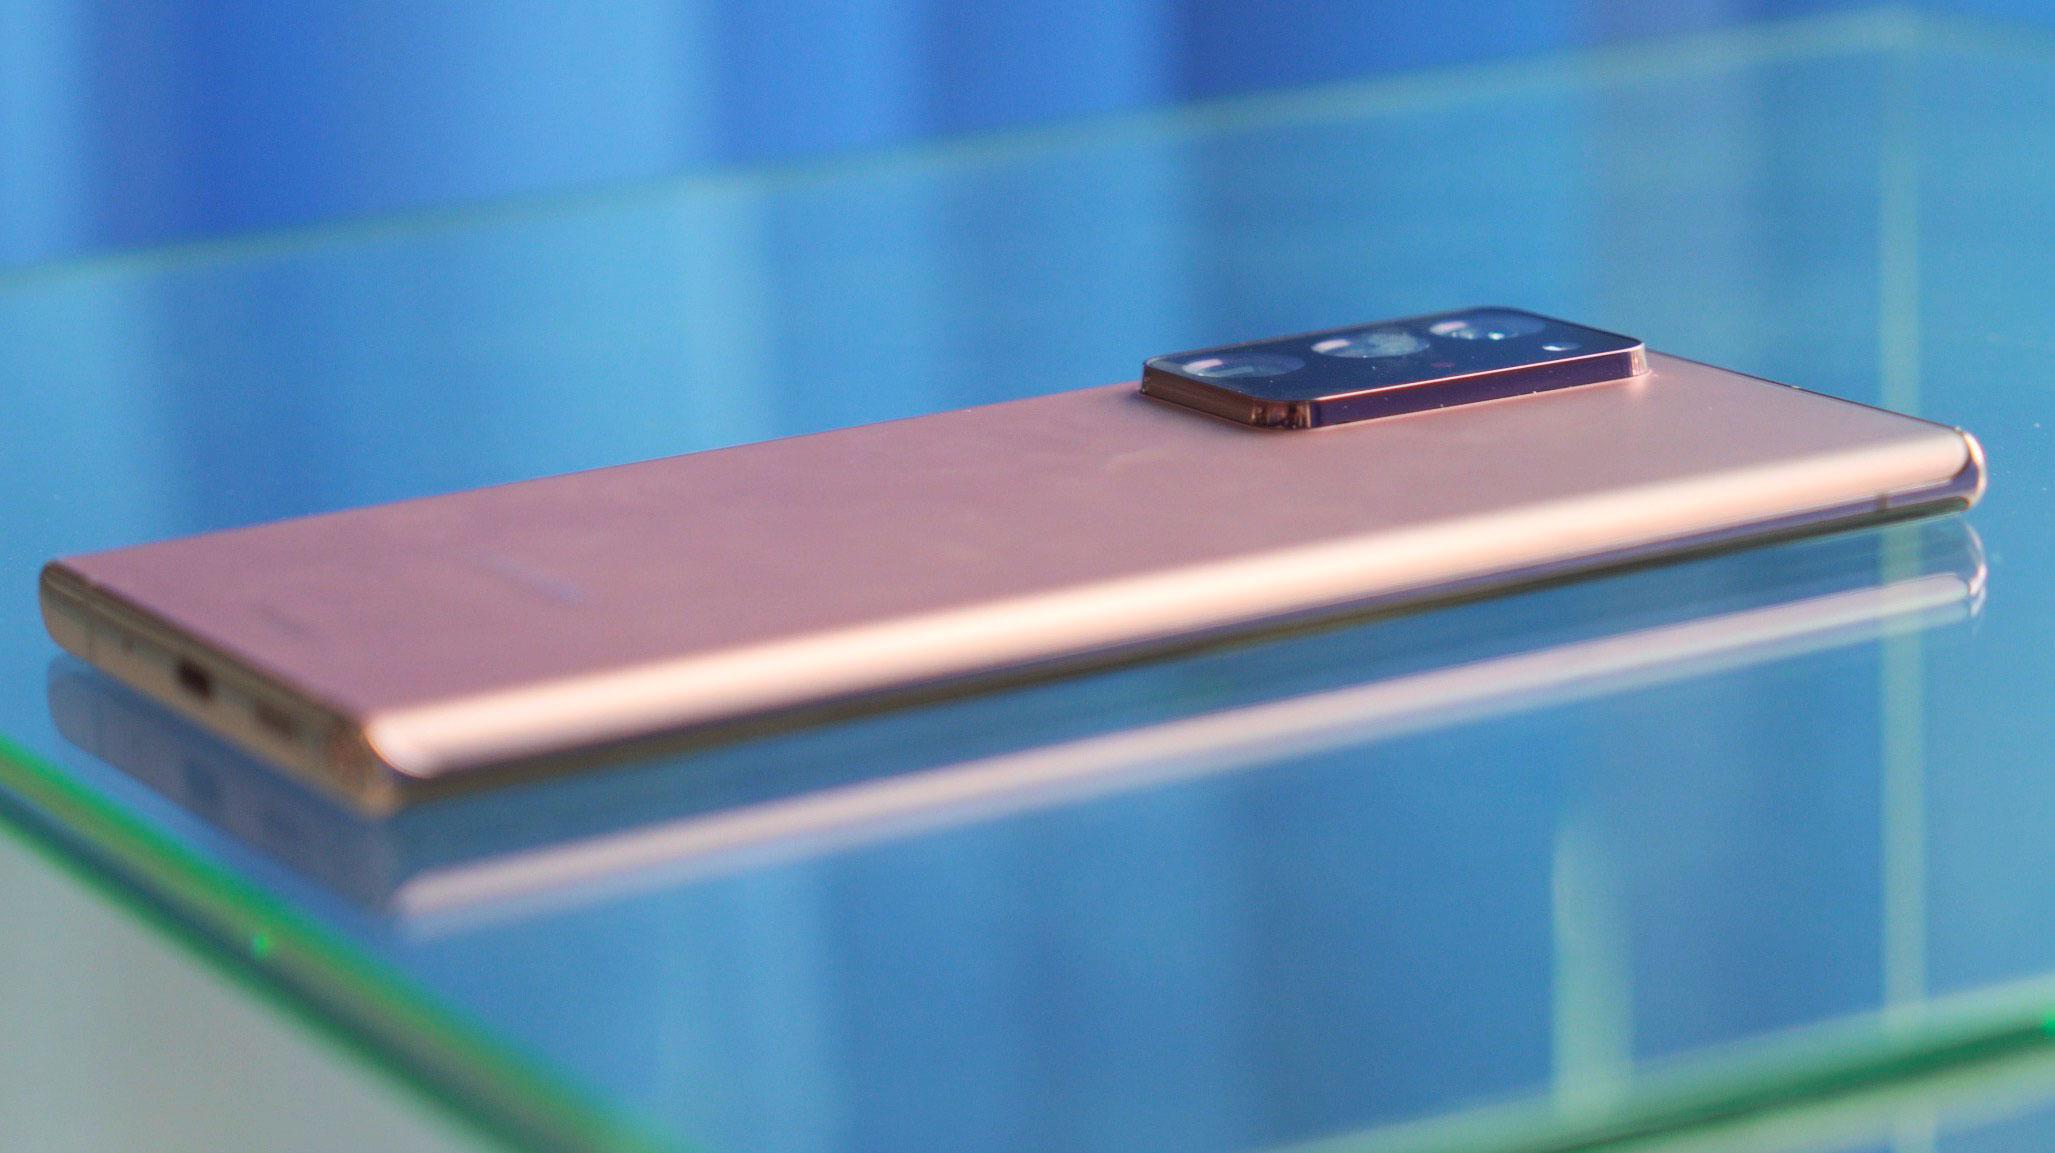 Le module photo du Galaxy Note 20 Ultra ne passe pas inaperçu, mais c'est pour la bonne cause